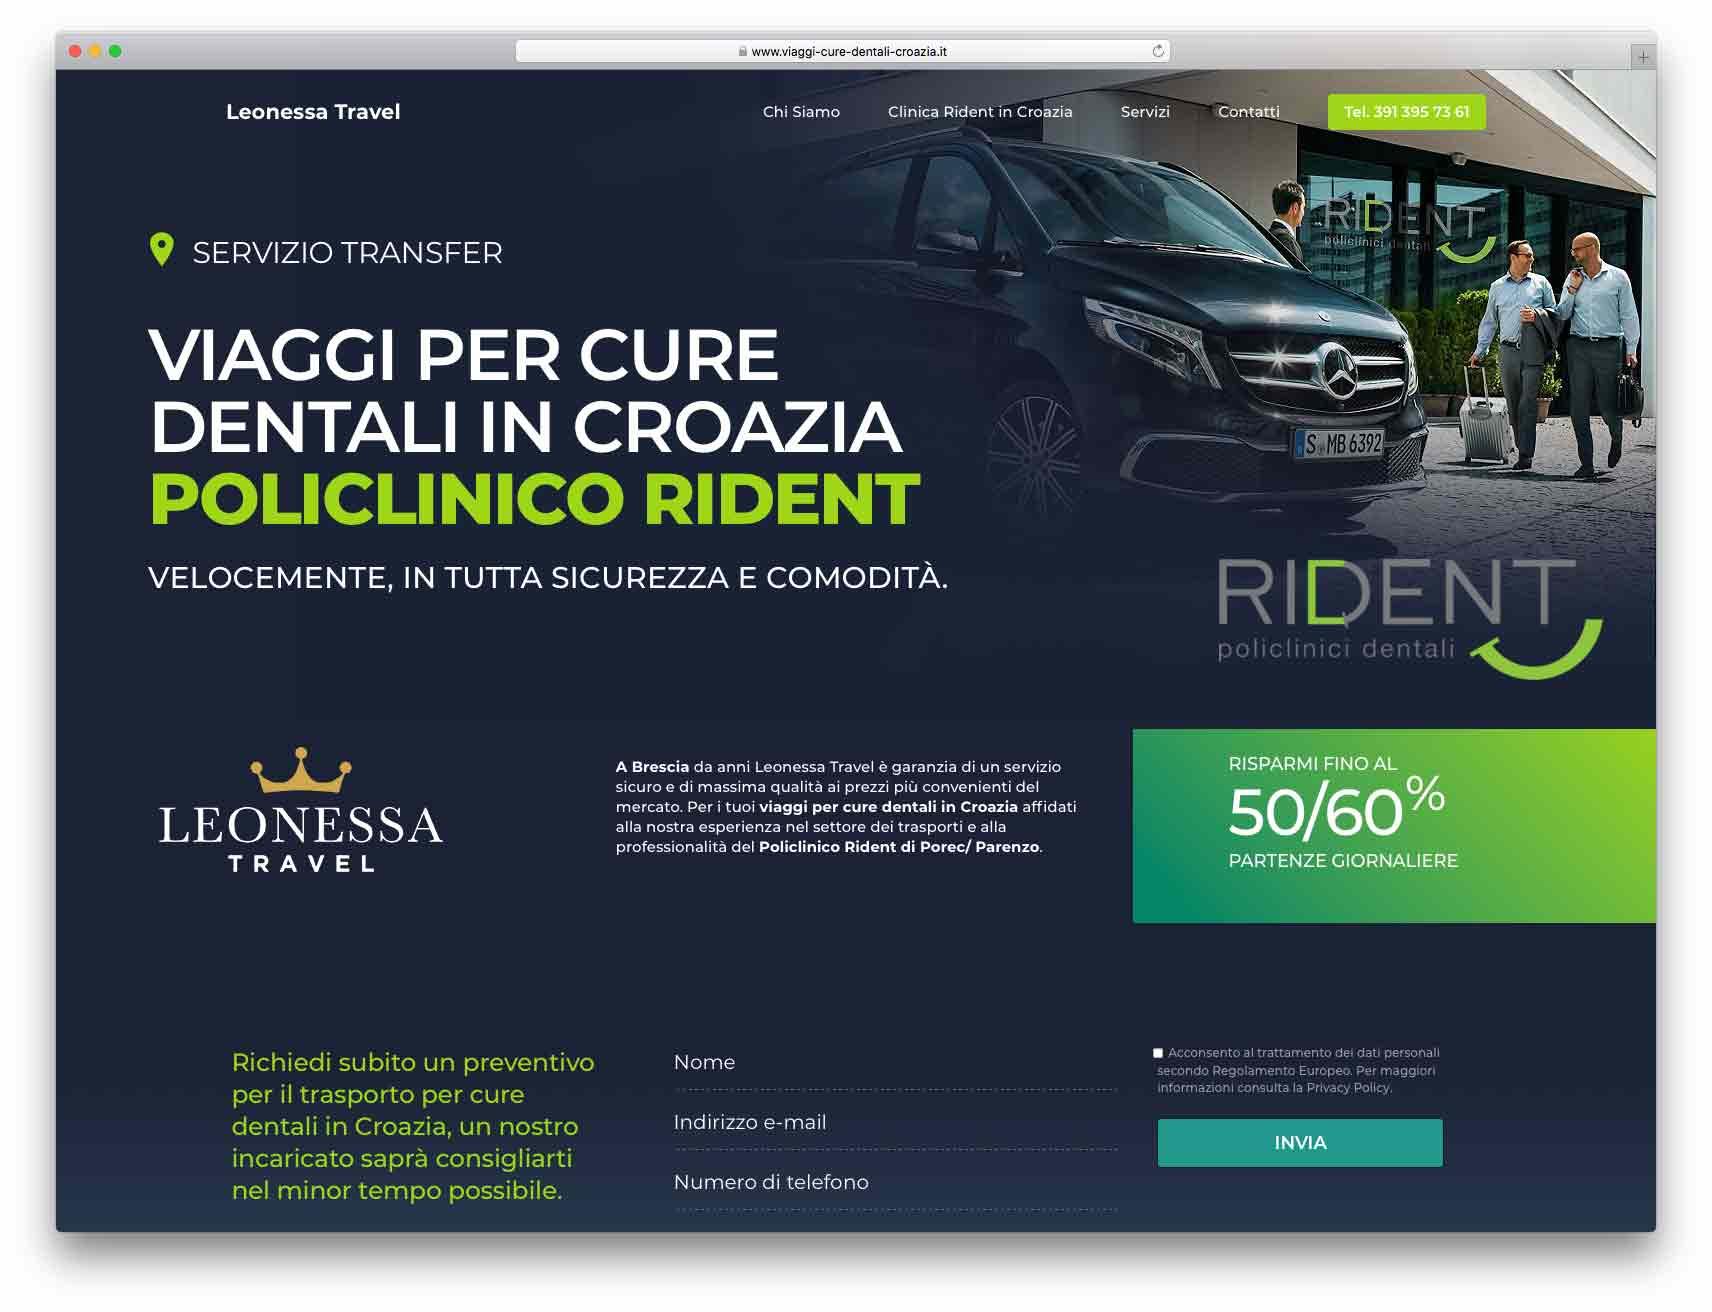 creazione siti web brescia - Agenzia P - sito web Leonessa Travel